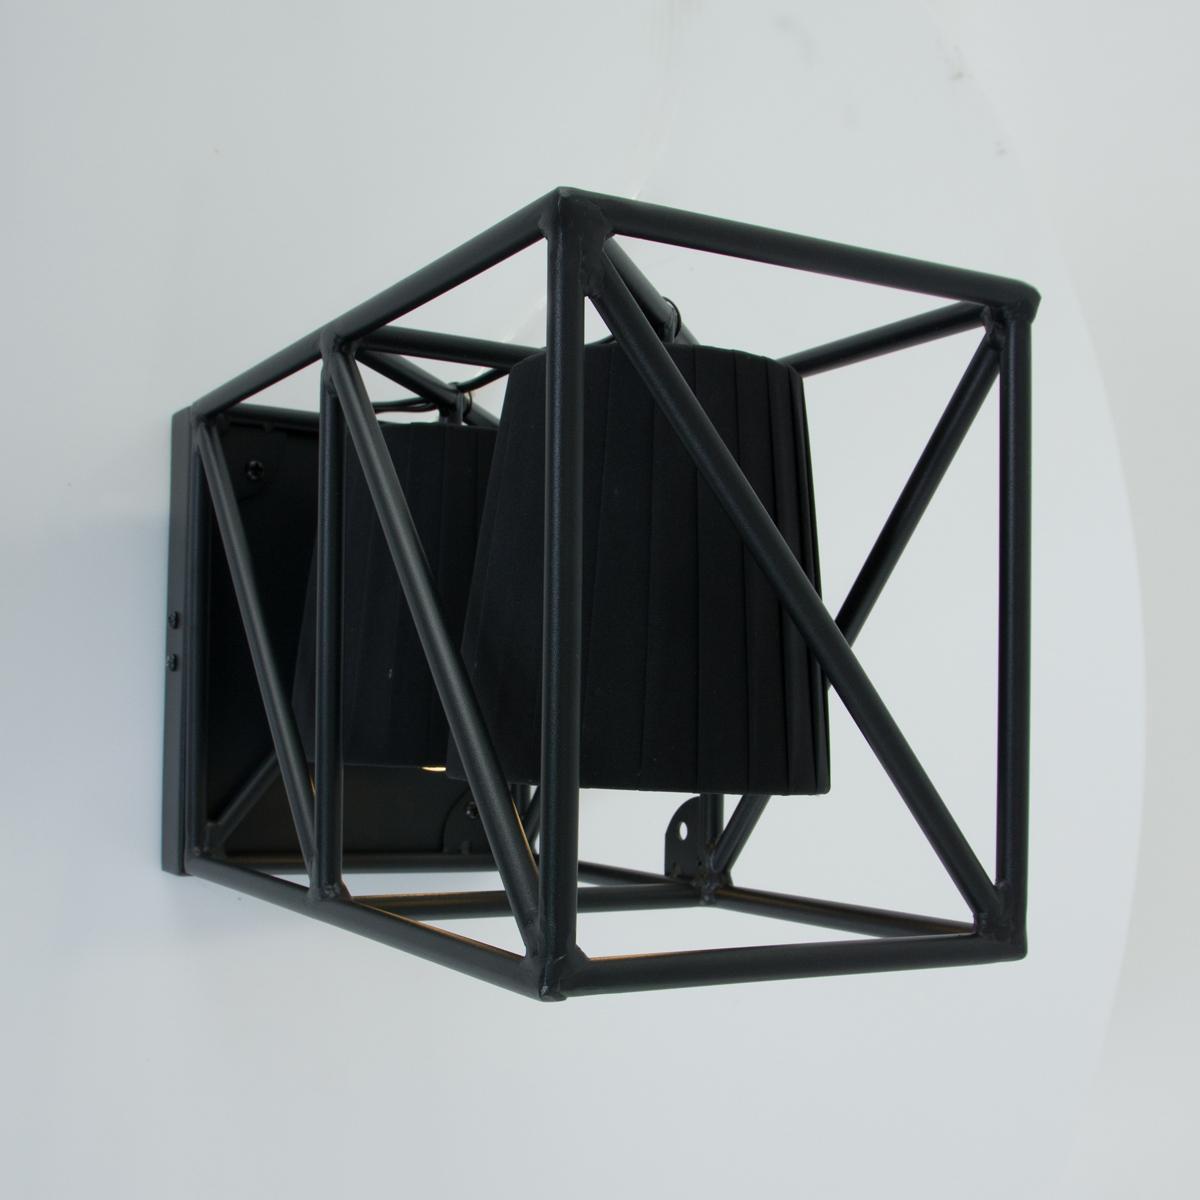 applique murale industrielle noir kael lampe industrielle. Black Bedroom Furniture Sets. Home Design Ideas